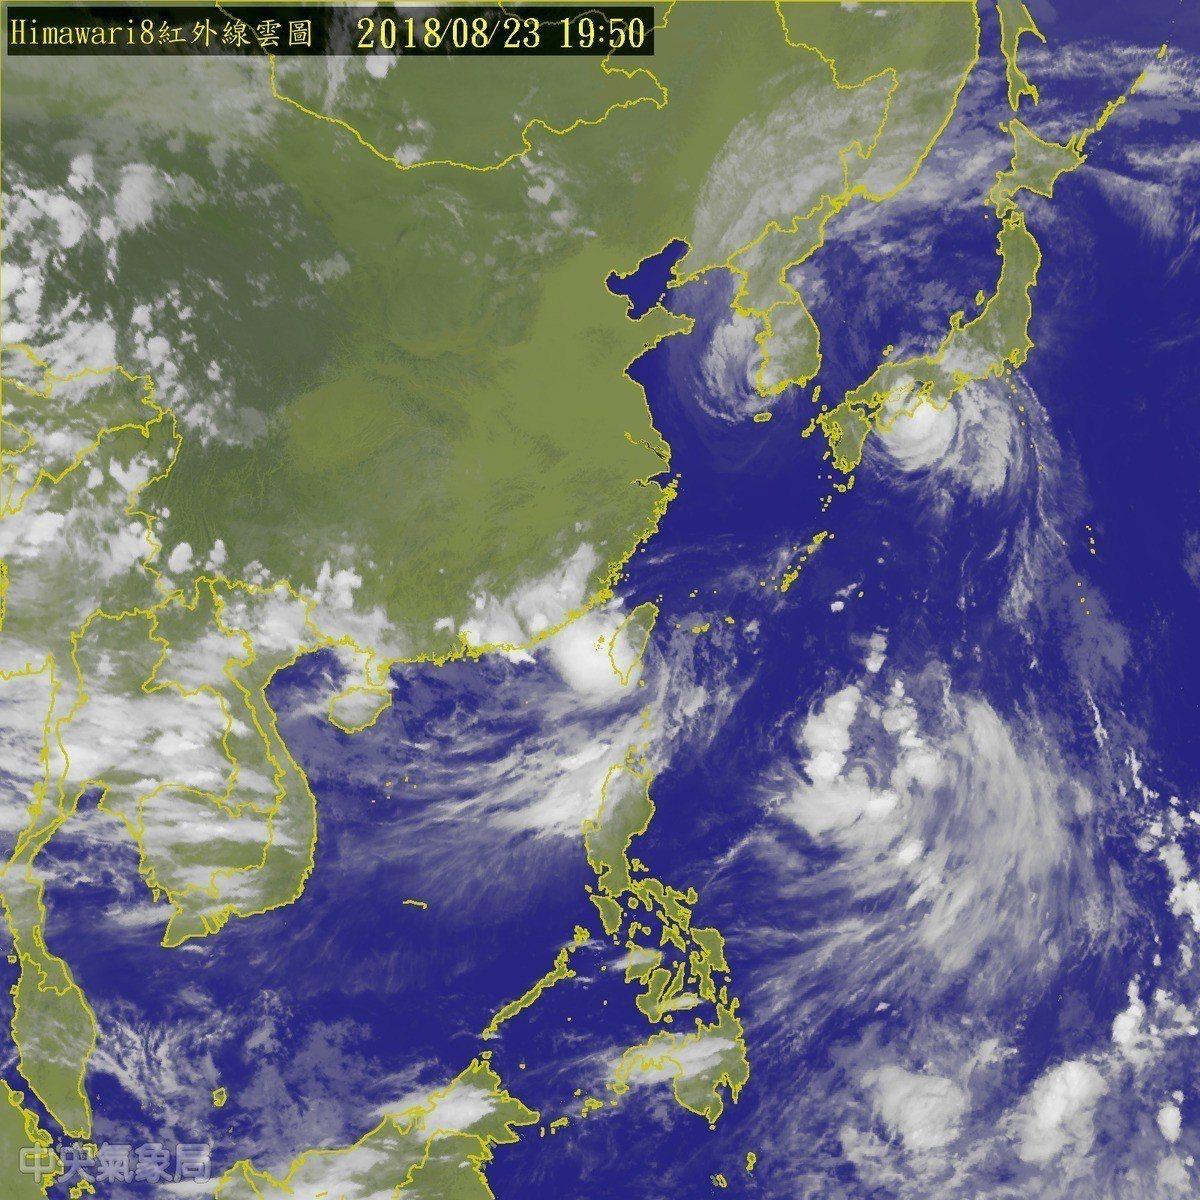 熱帶性低氣壓今天(23日)帶來暴雨造成南部嚴重水患。圖擷取自中央氣象局官網